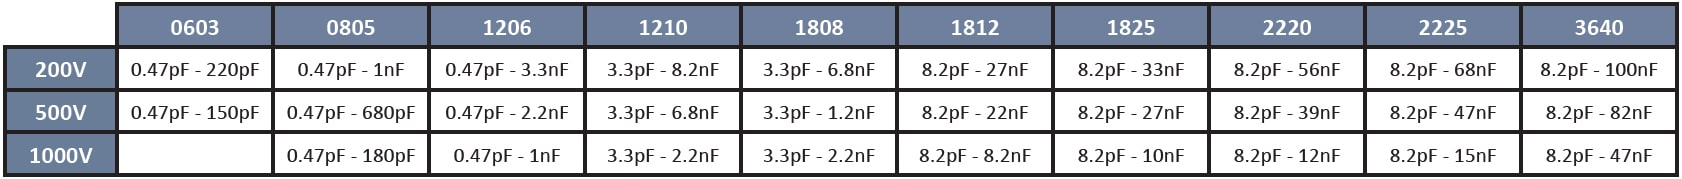 SRT Microcéramique High Voltage NP0 series (200V to 1000V)